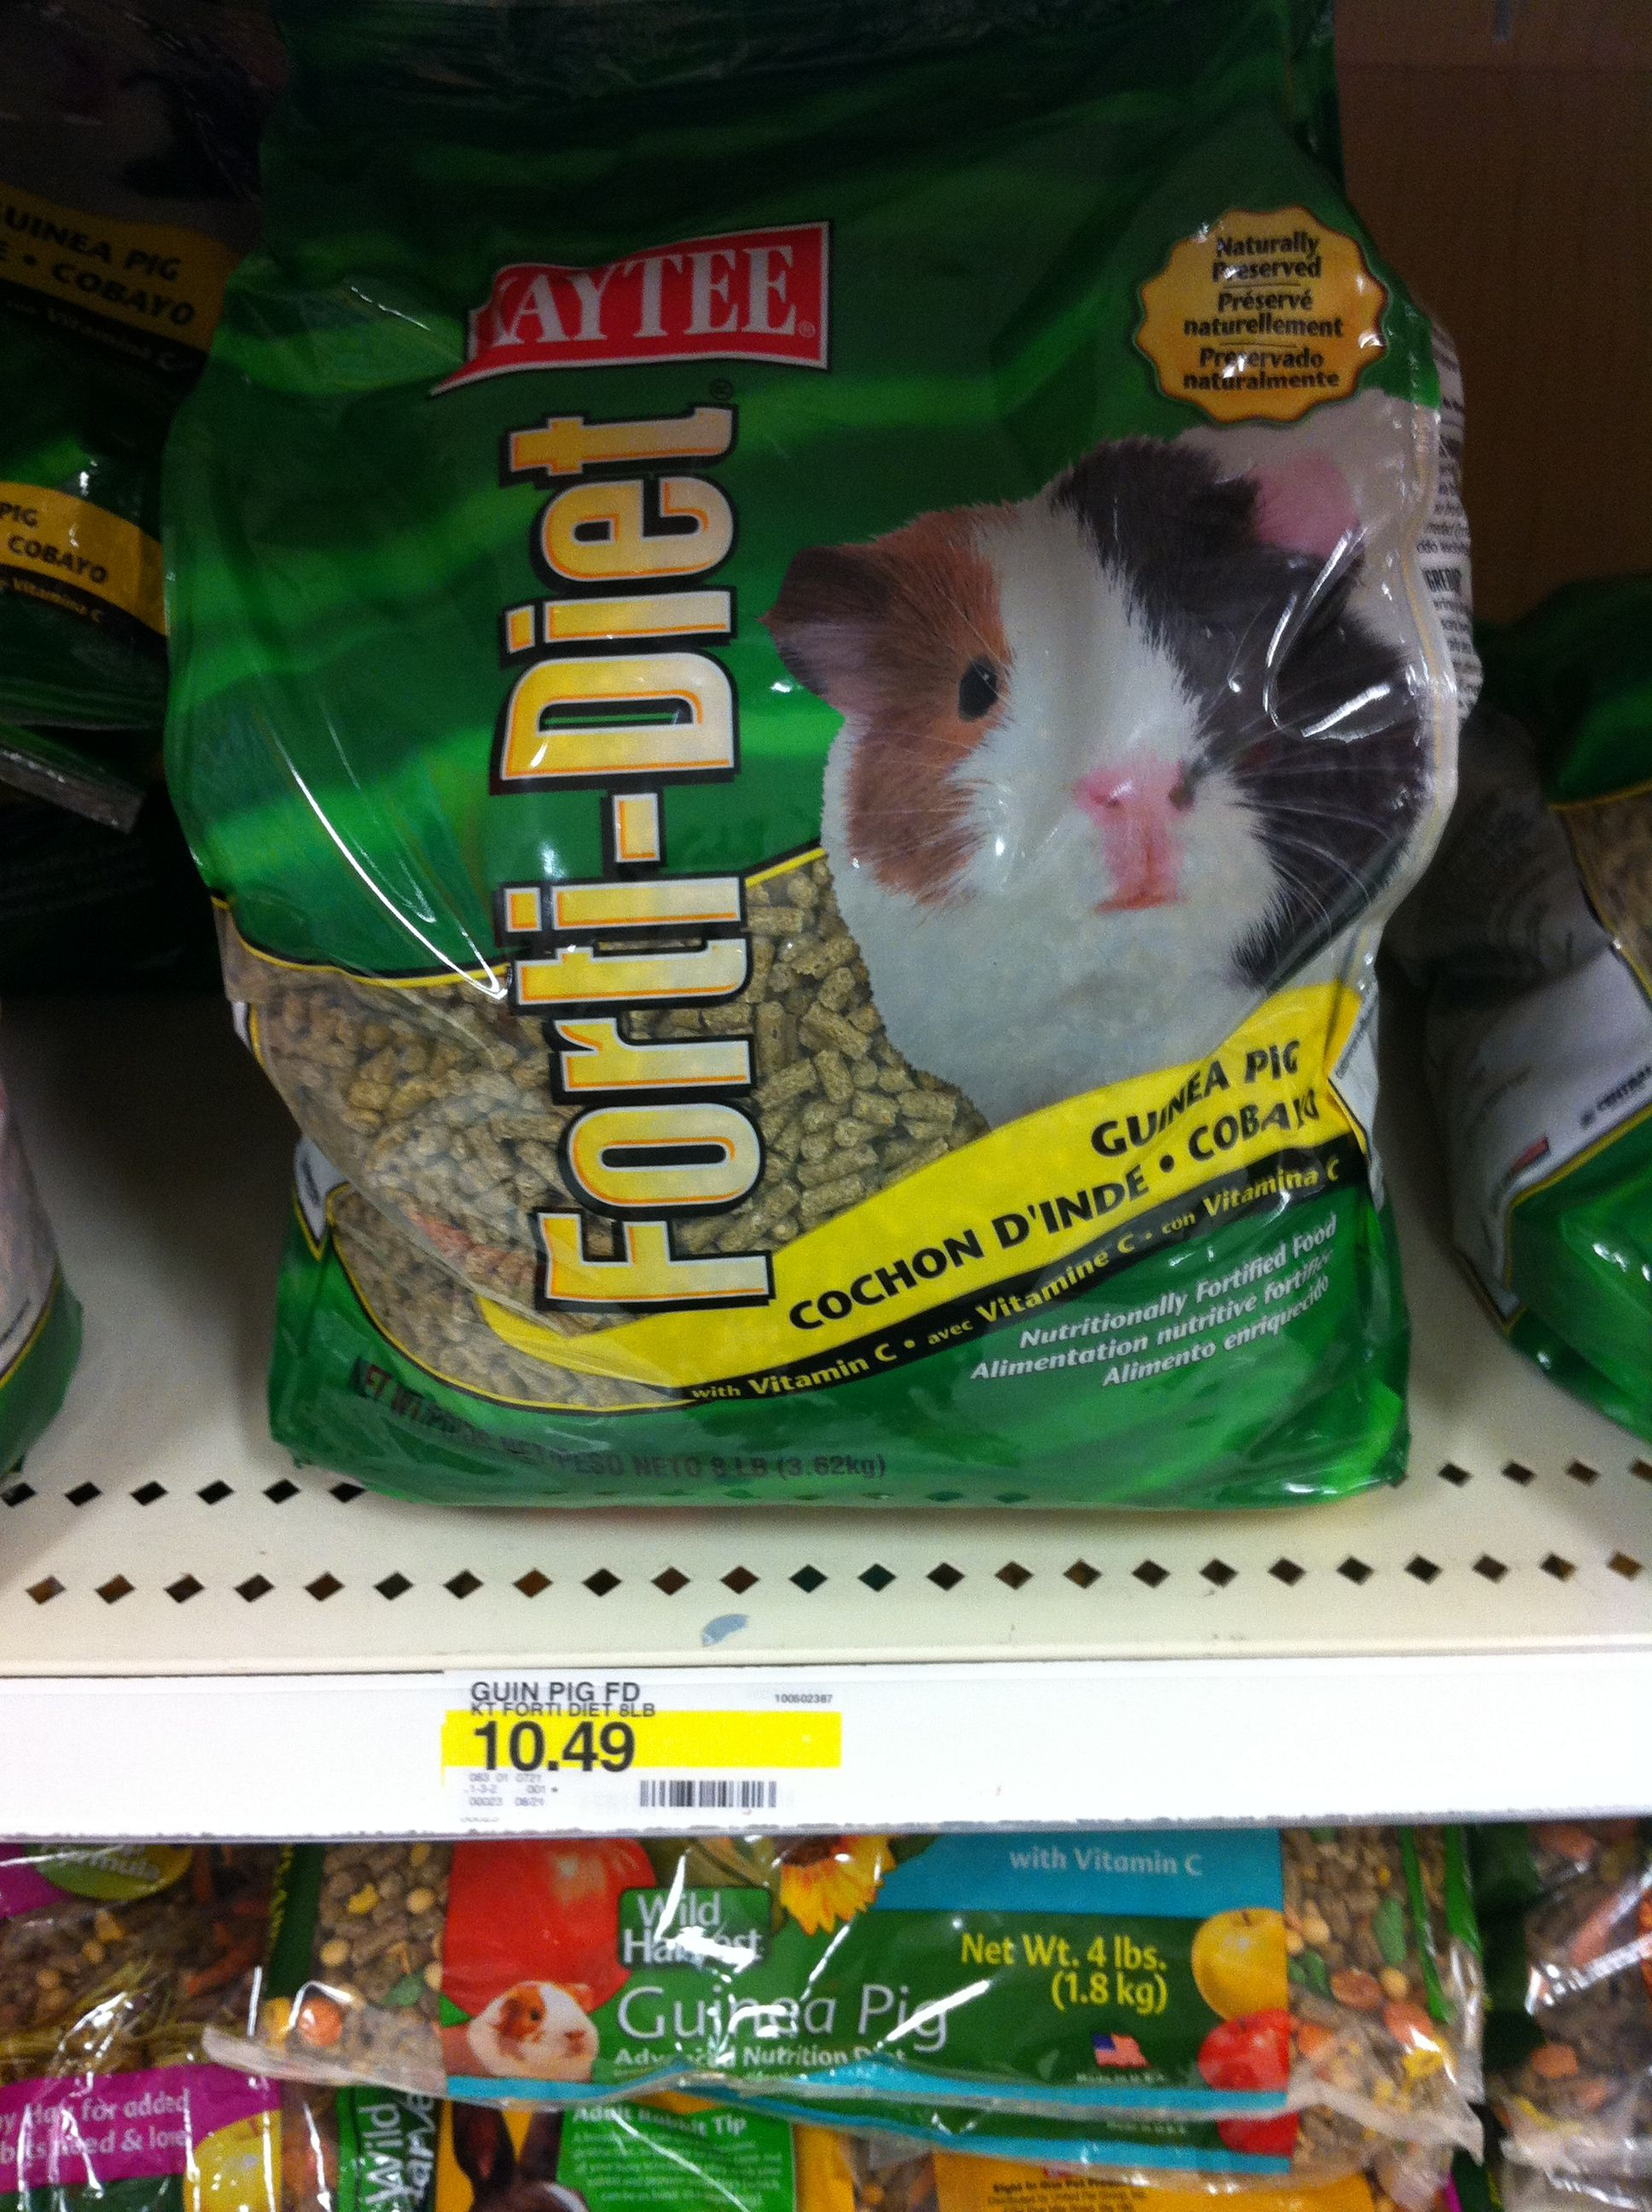 KayTee Guinea Pig pellets from Target